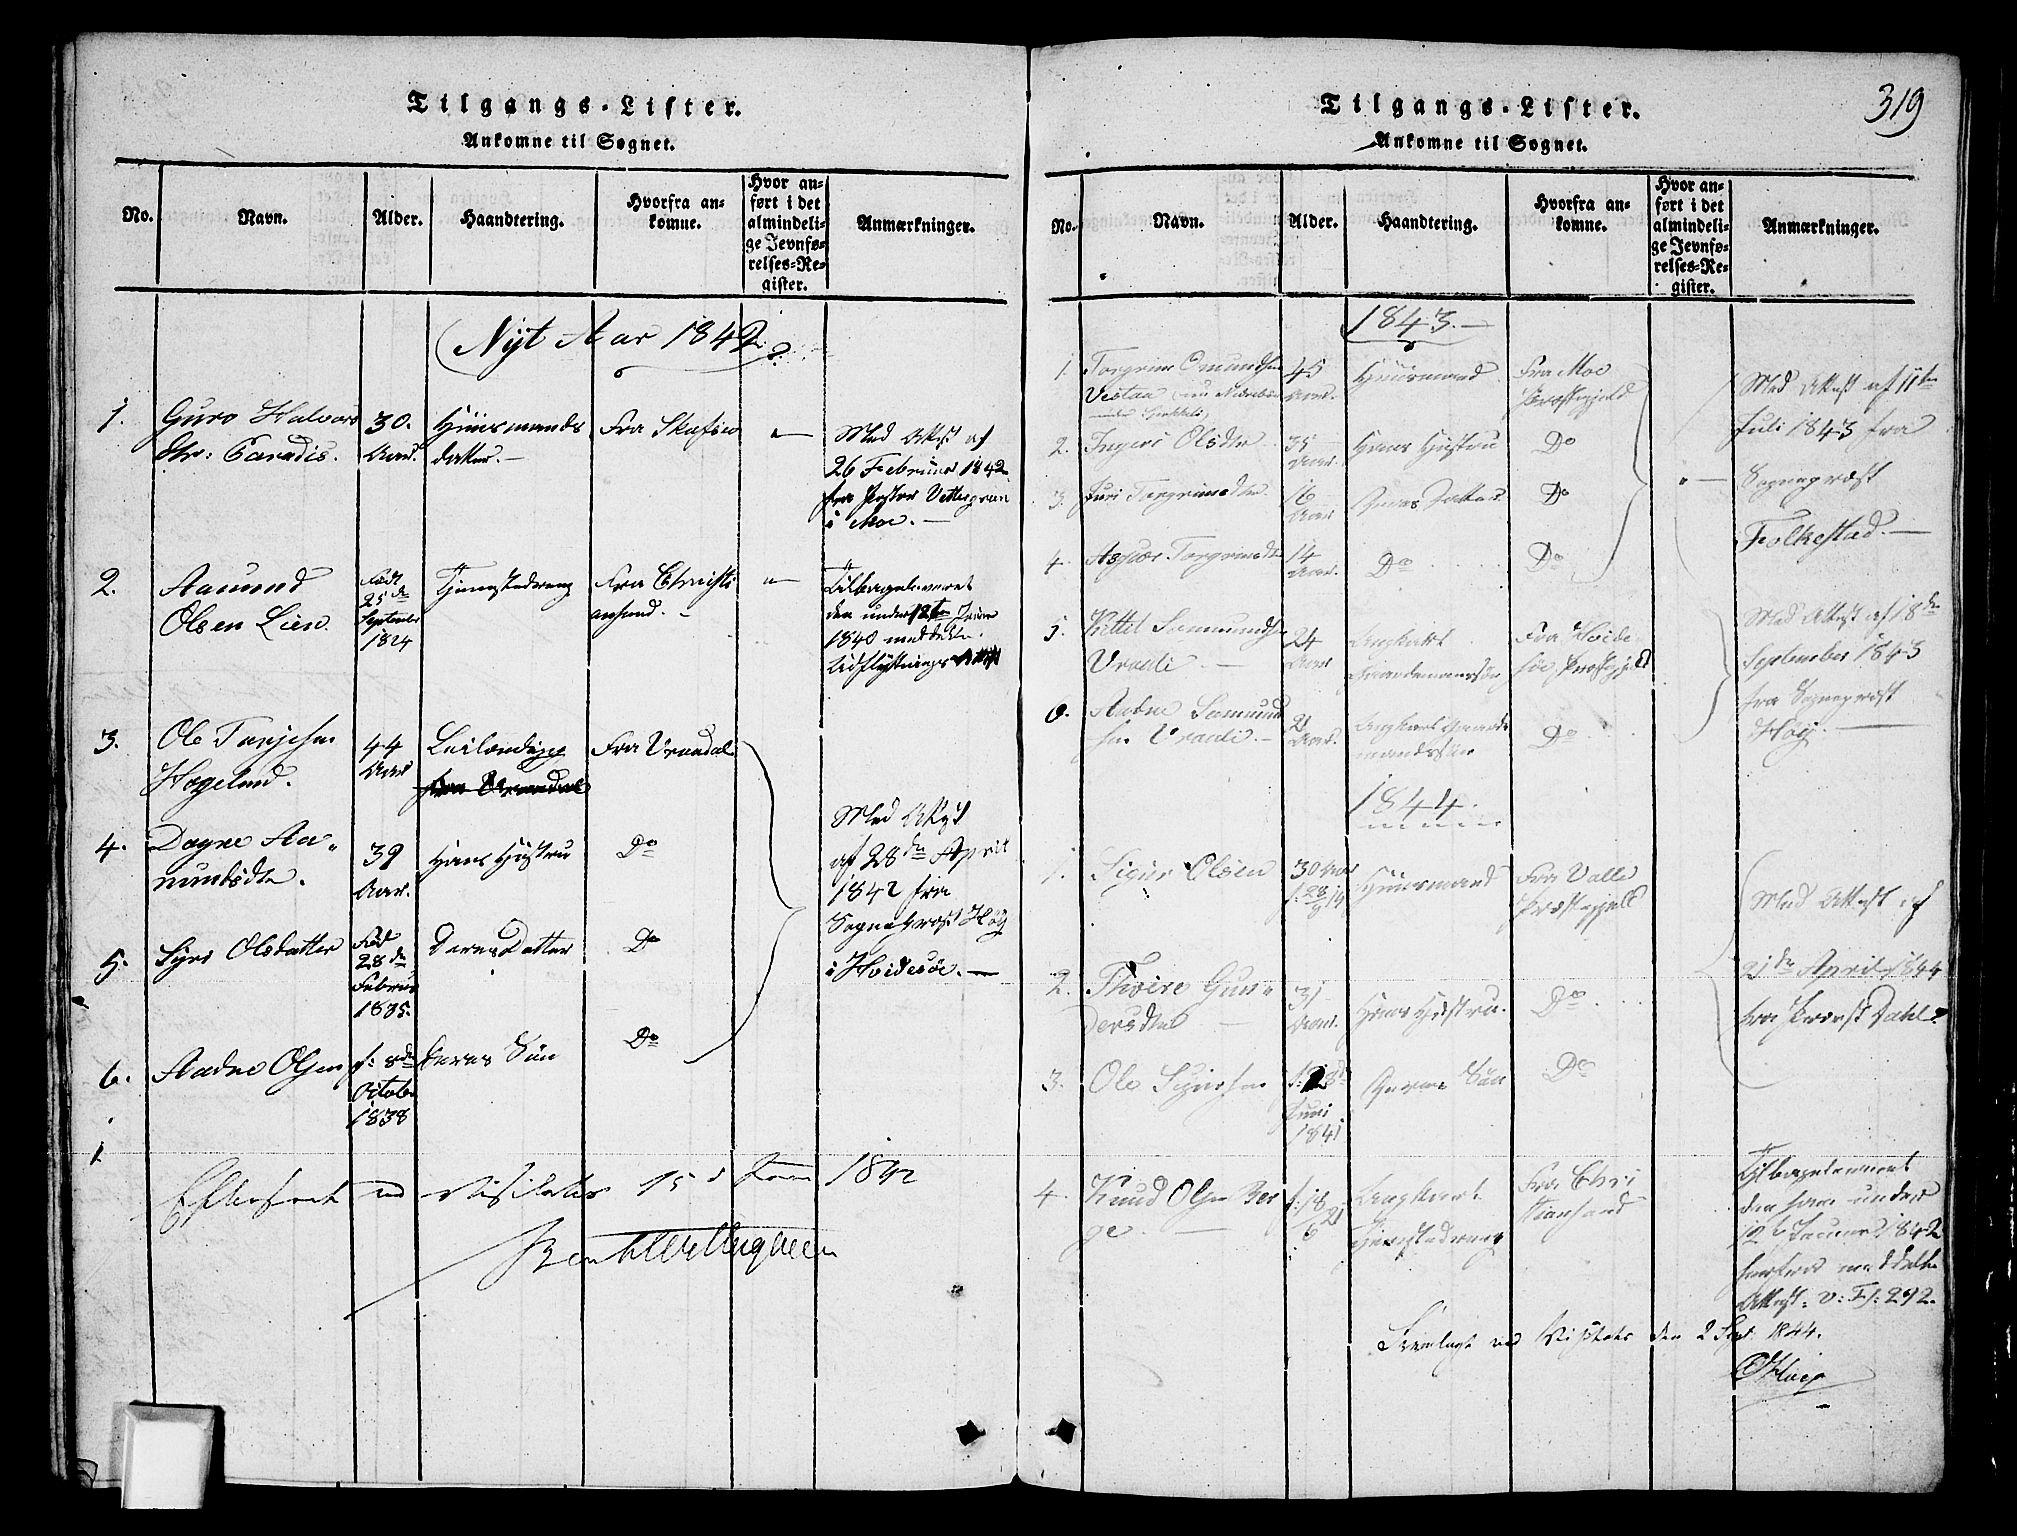 SAKO, Fyresdal kirkebøker, G/Ga/L0003: Klokkerbok nr. I 3, 1815-1863, s. 319